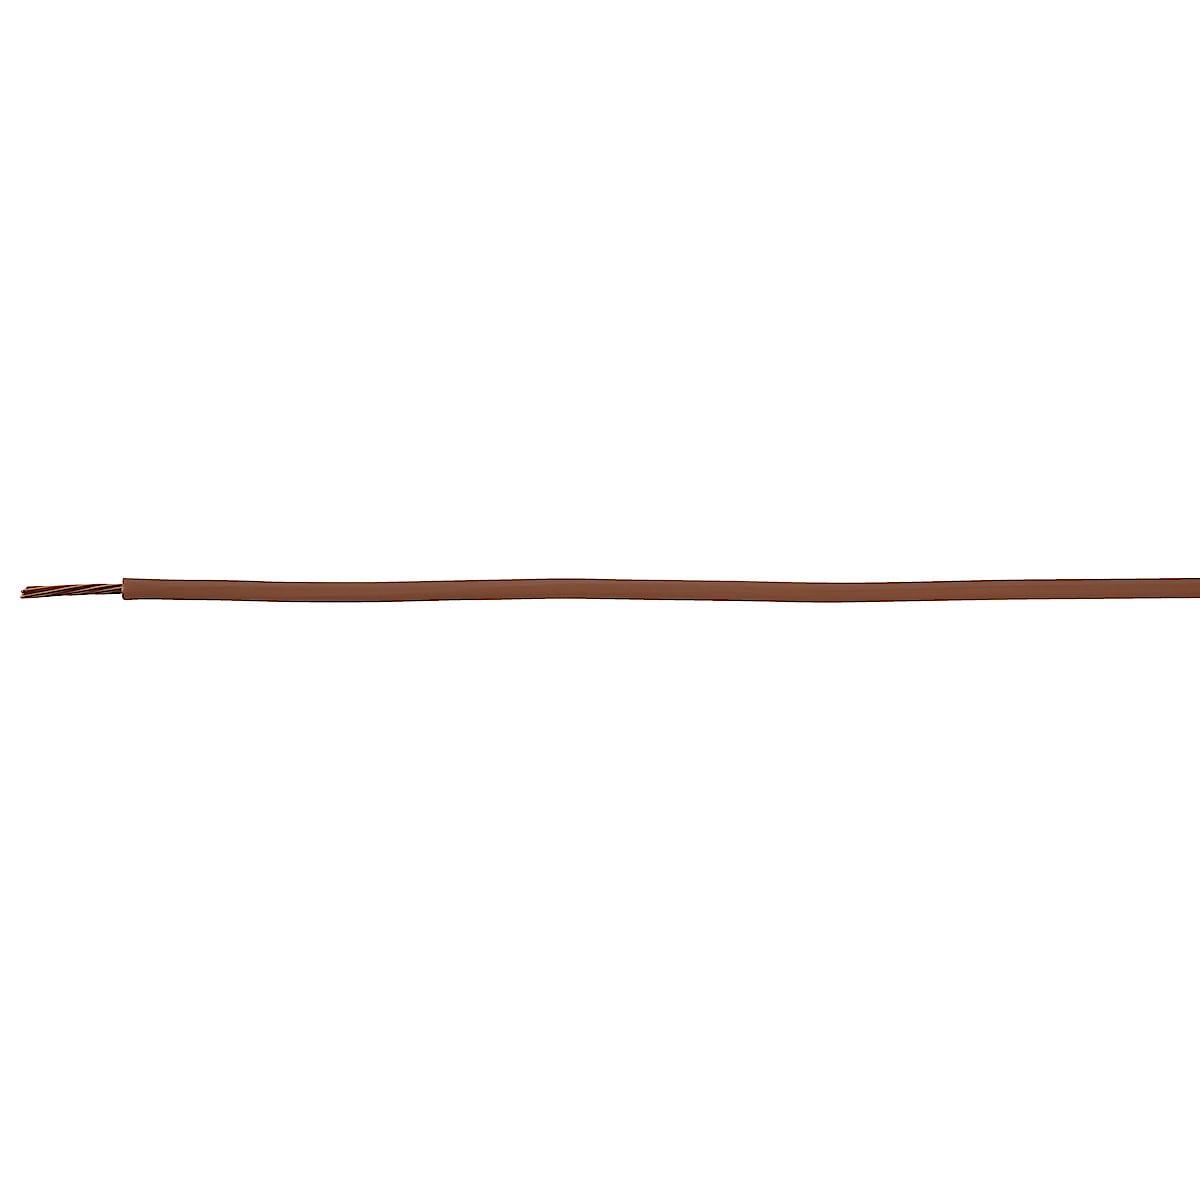 Kabel FQ 25 mm² brun